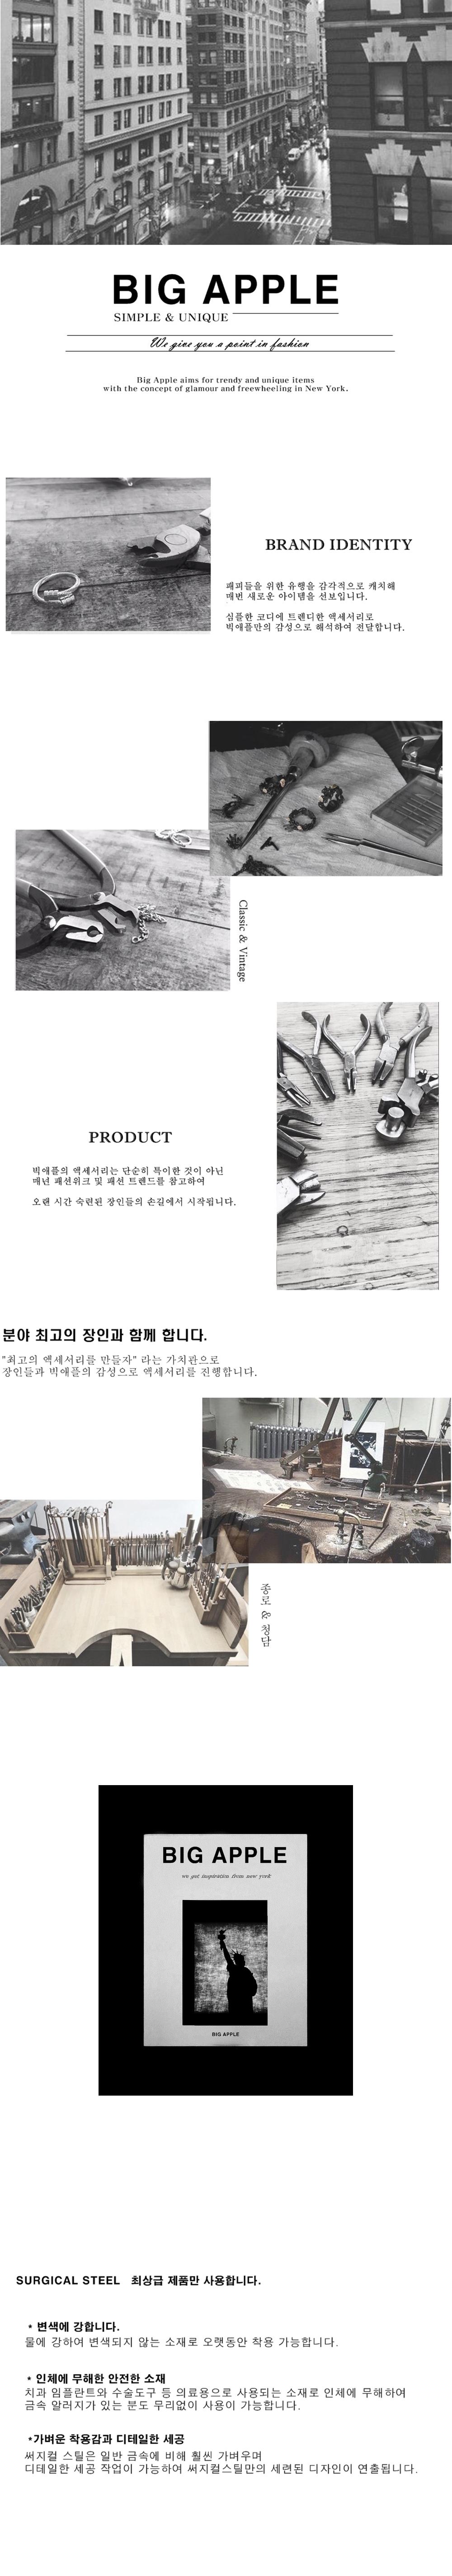 남자 반지 패션 십자가 체인 연결 써지컬 스틸 TSL - 빅애플, 20,000원, 남성주얼리, 반지